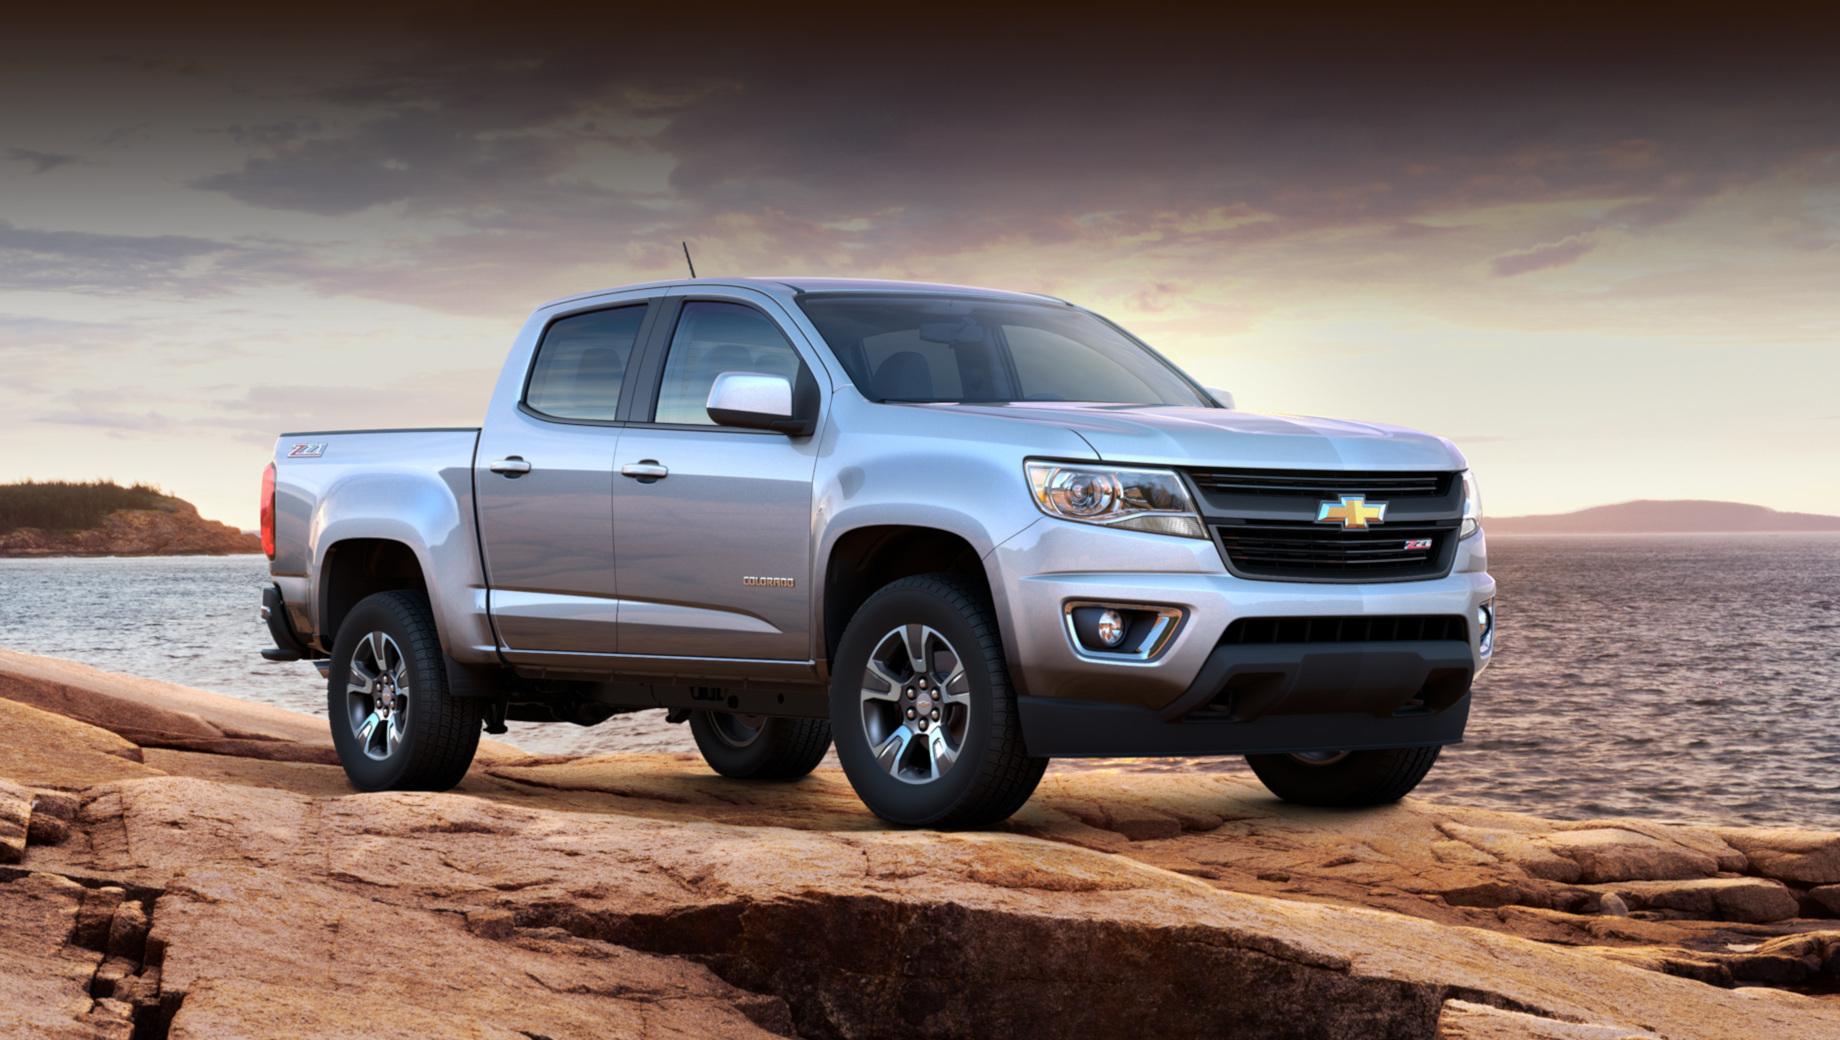 Chevrolet colorado,Gmc canyon. Ради создания следующего поколения Colorado компания намеревалась разработать новую платформу 32XX, но потом от этой программы отказалась — видимо, из соображений экономии. Так что новый Colorado получит модернизированную платформу предшественника, а её обозначение сменится с 31XX на 31XX-2.